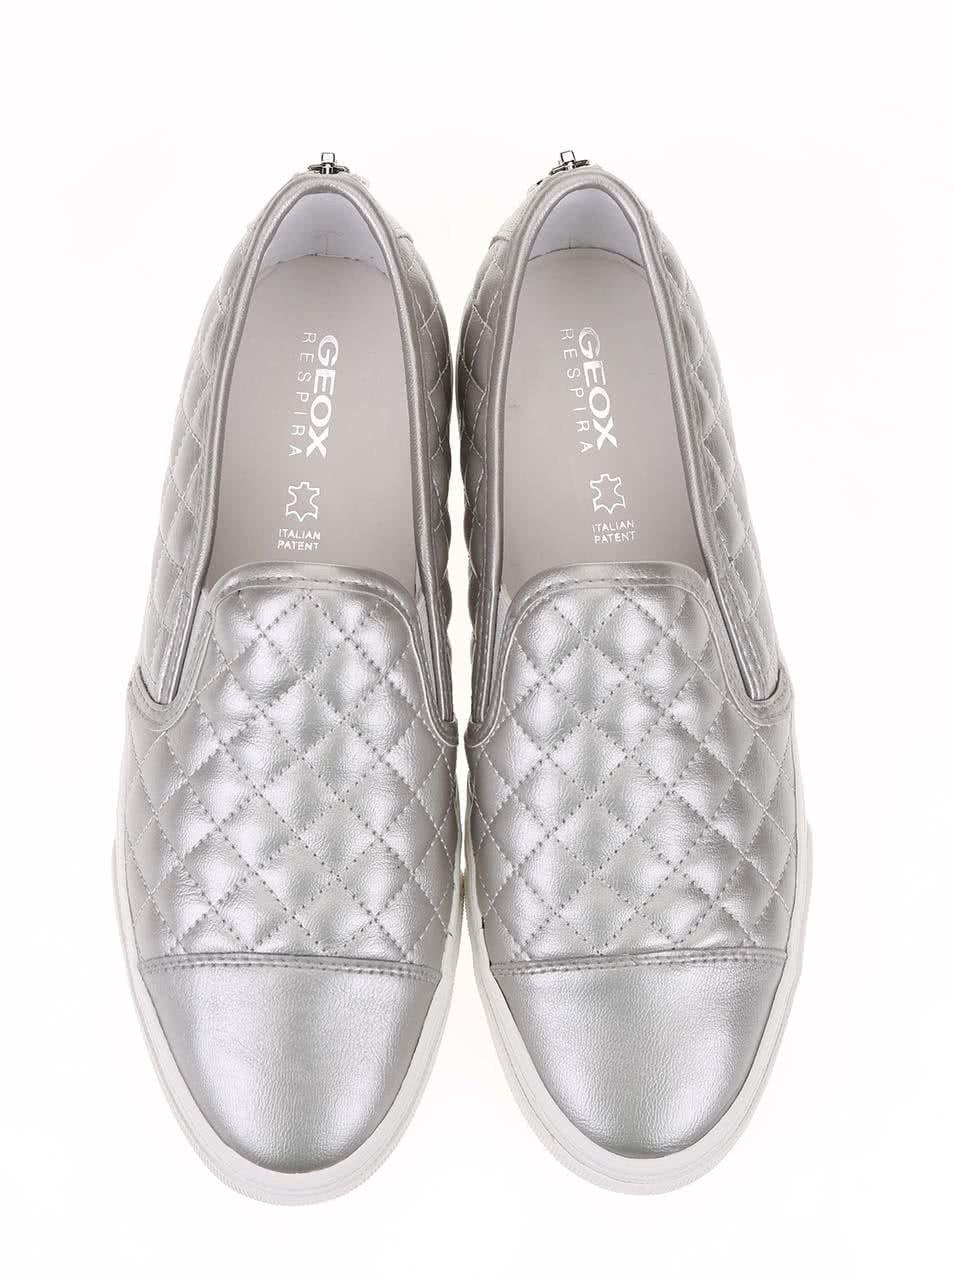 Dámské slip on tenisky ve stříbrné barvě Geox New Club ... 13f293eb94